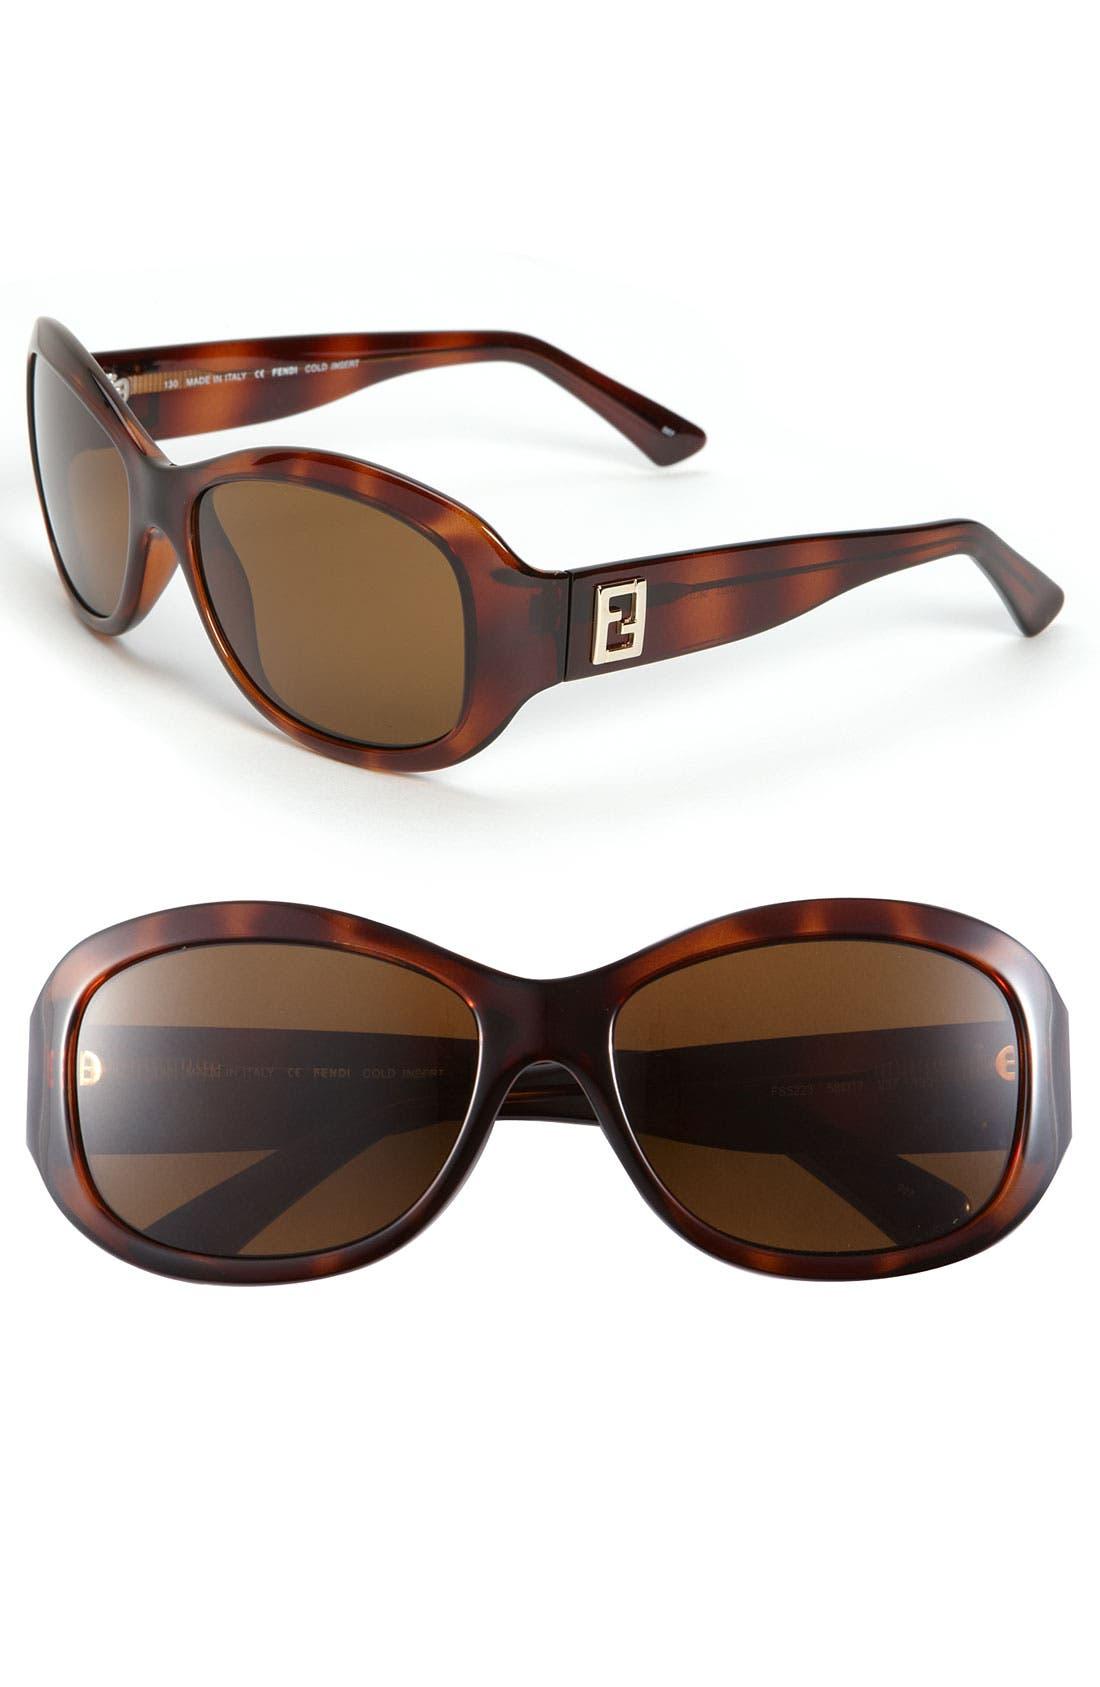 Main Image - Fendi Polarized Sunglasses